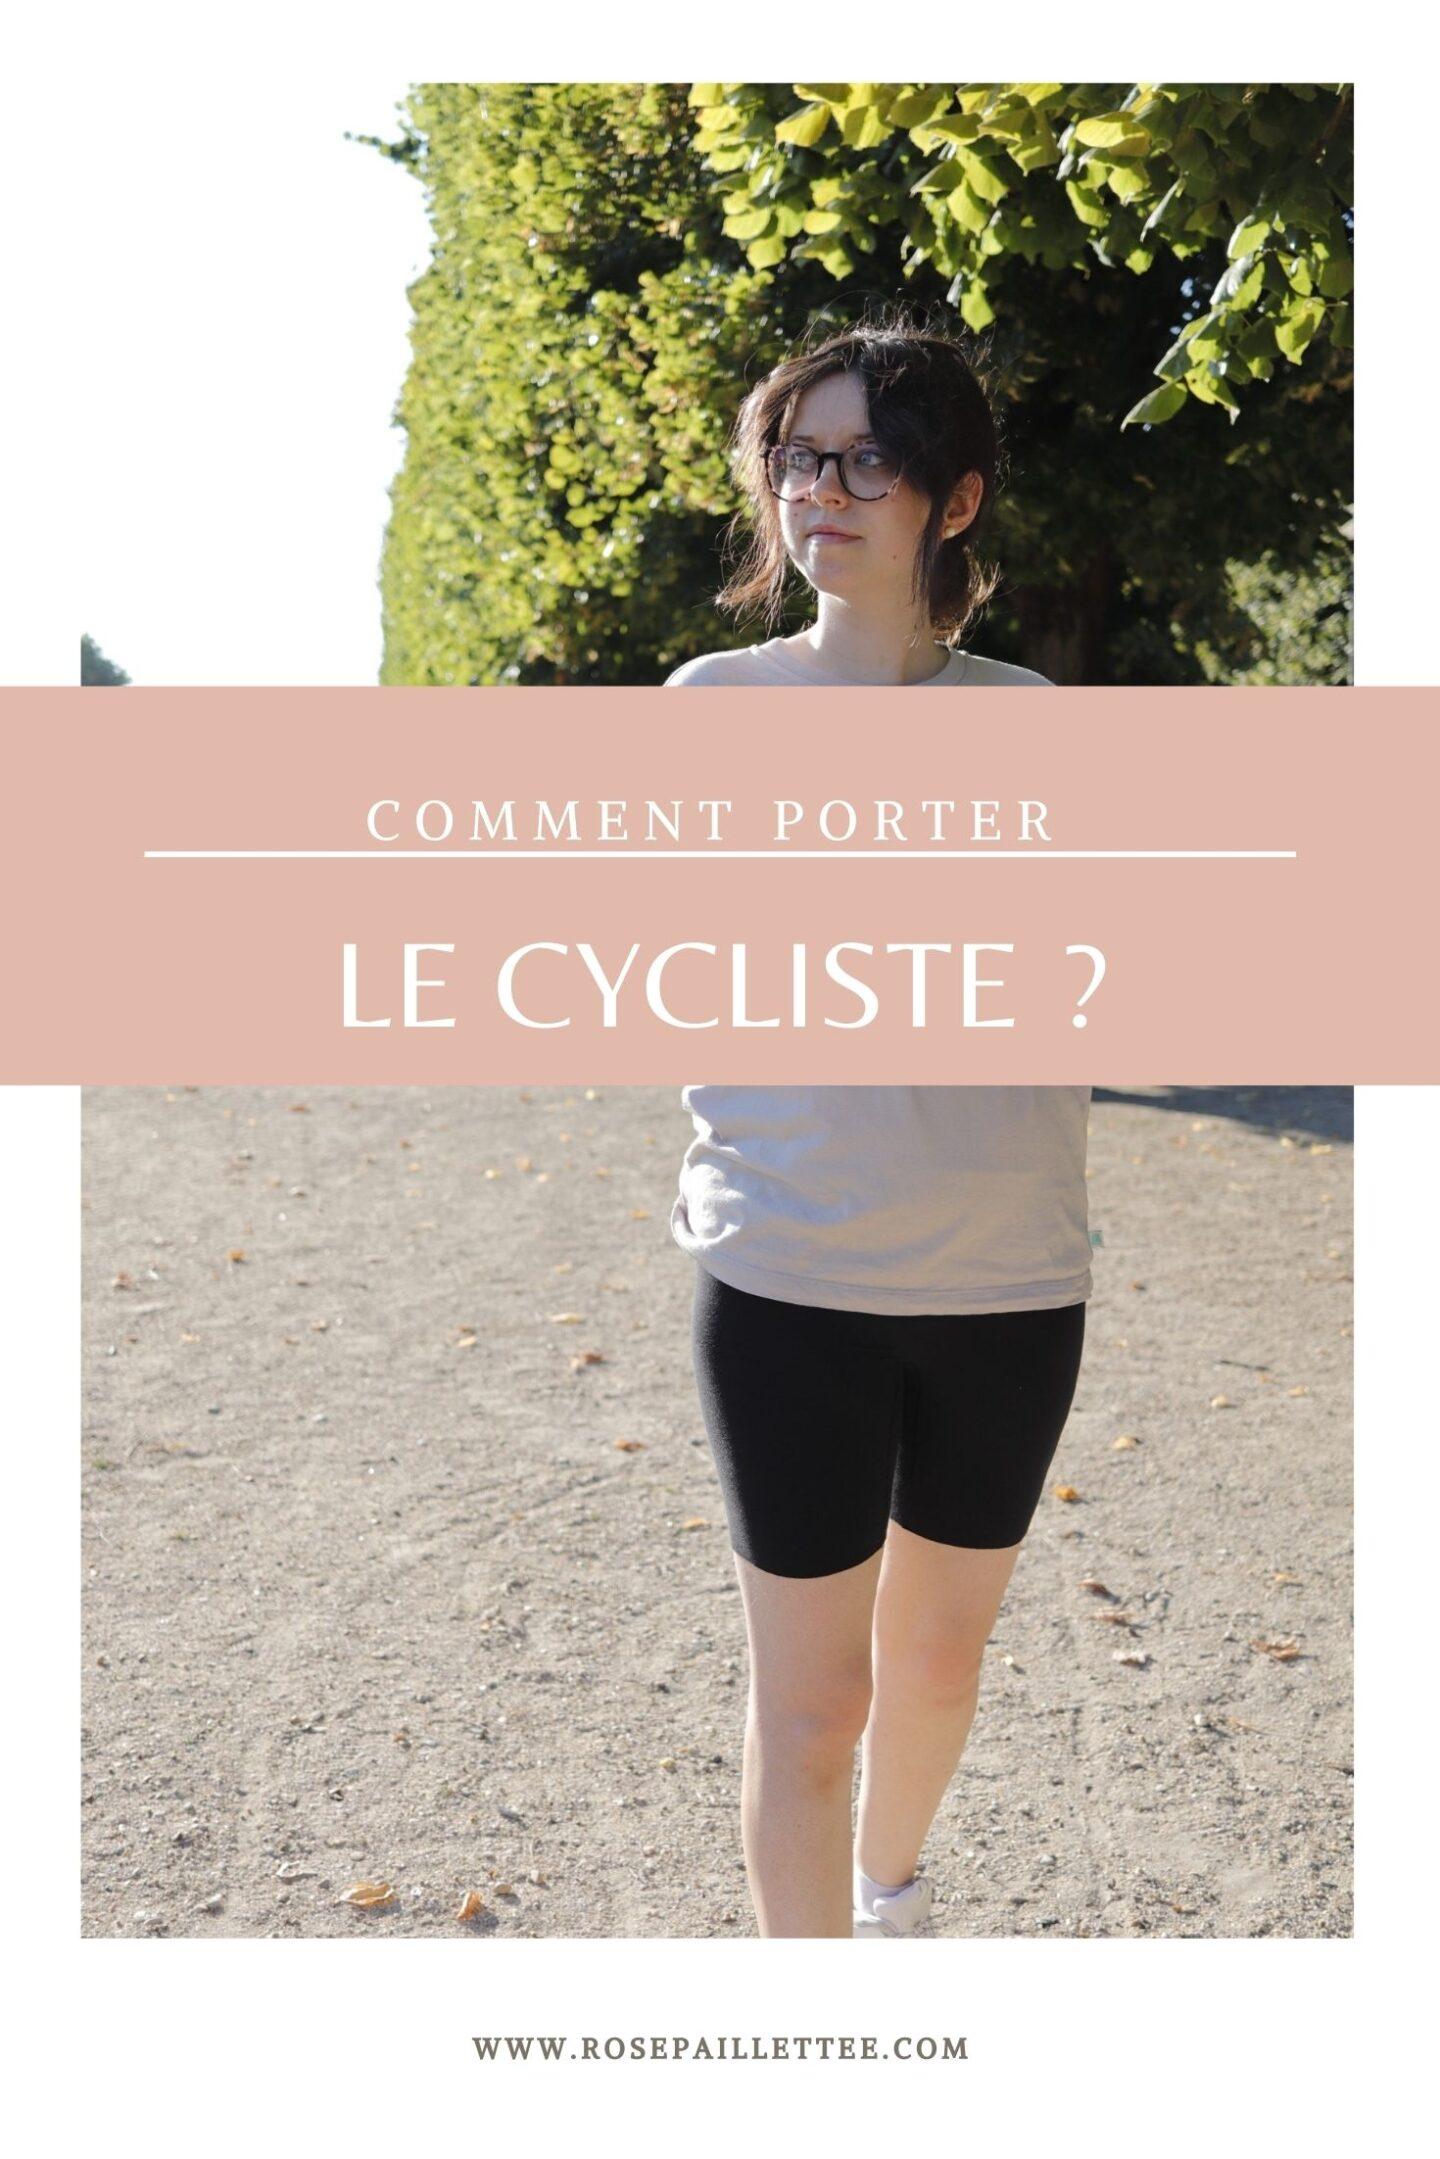 Comment porter le cycliste